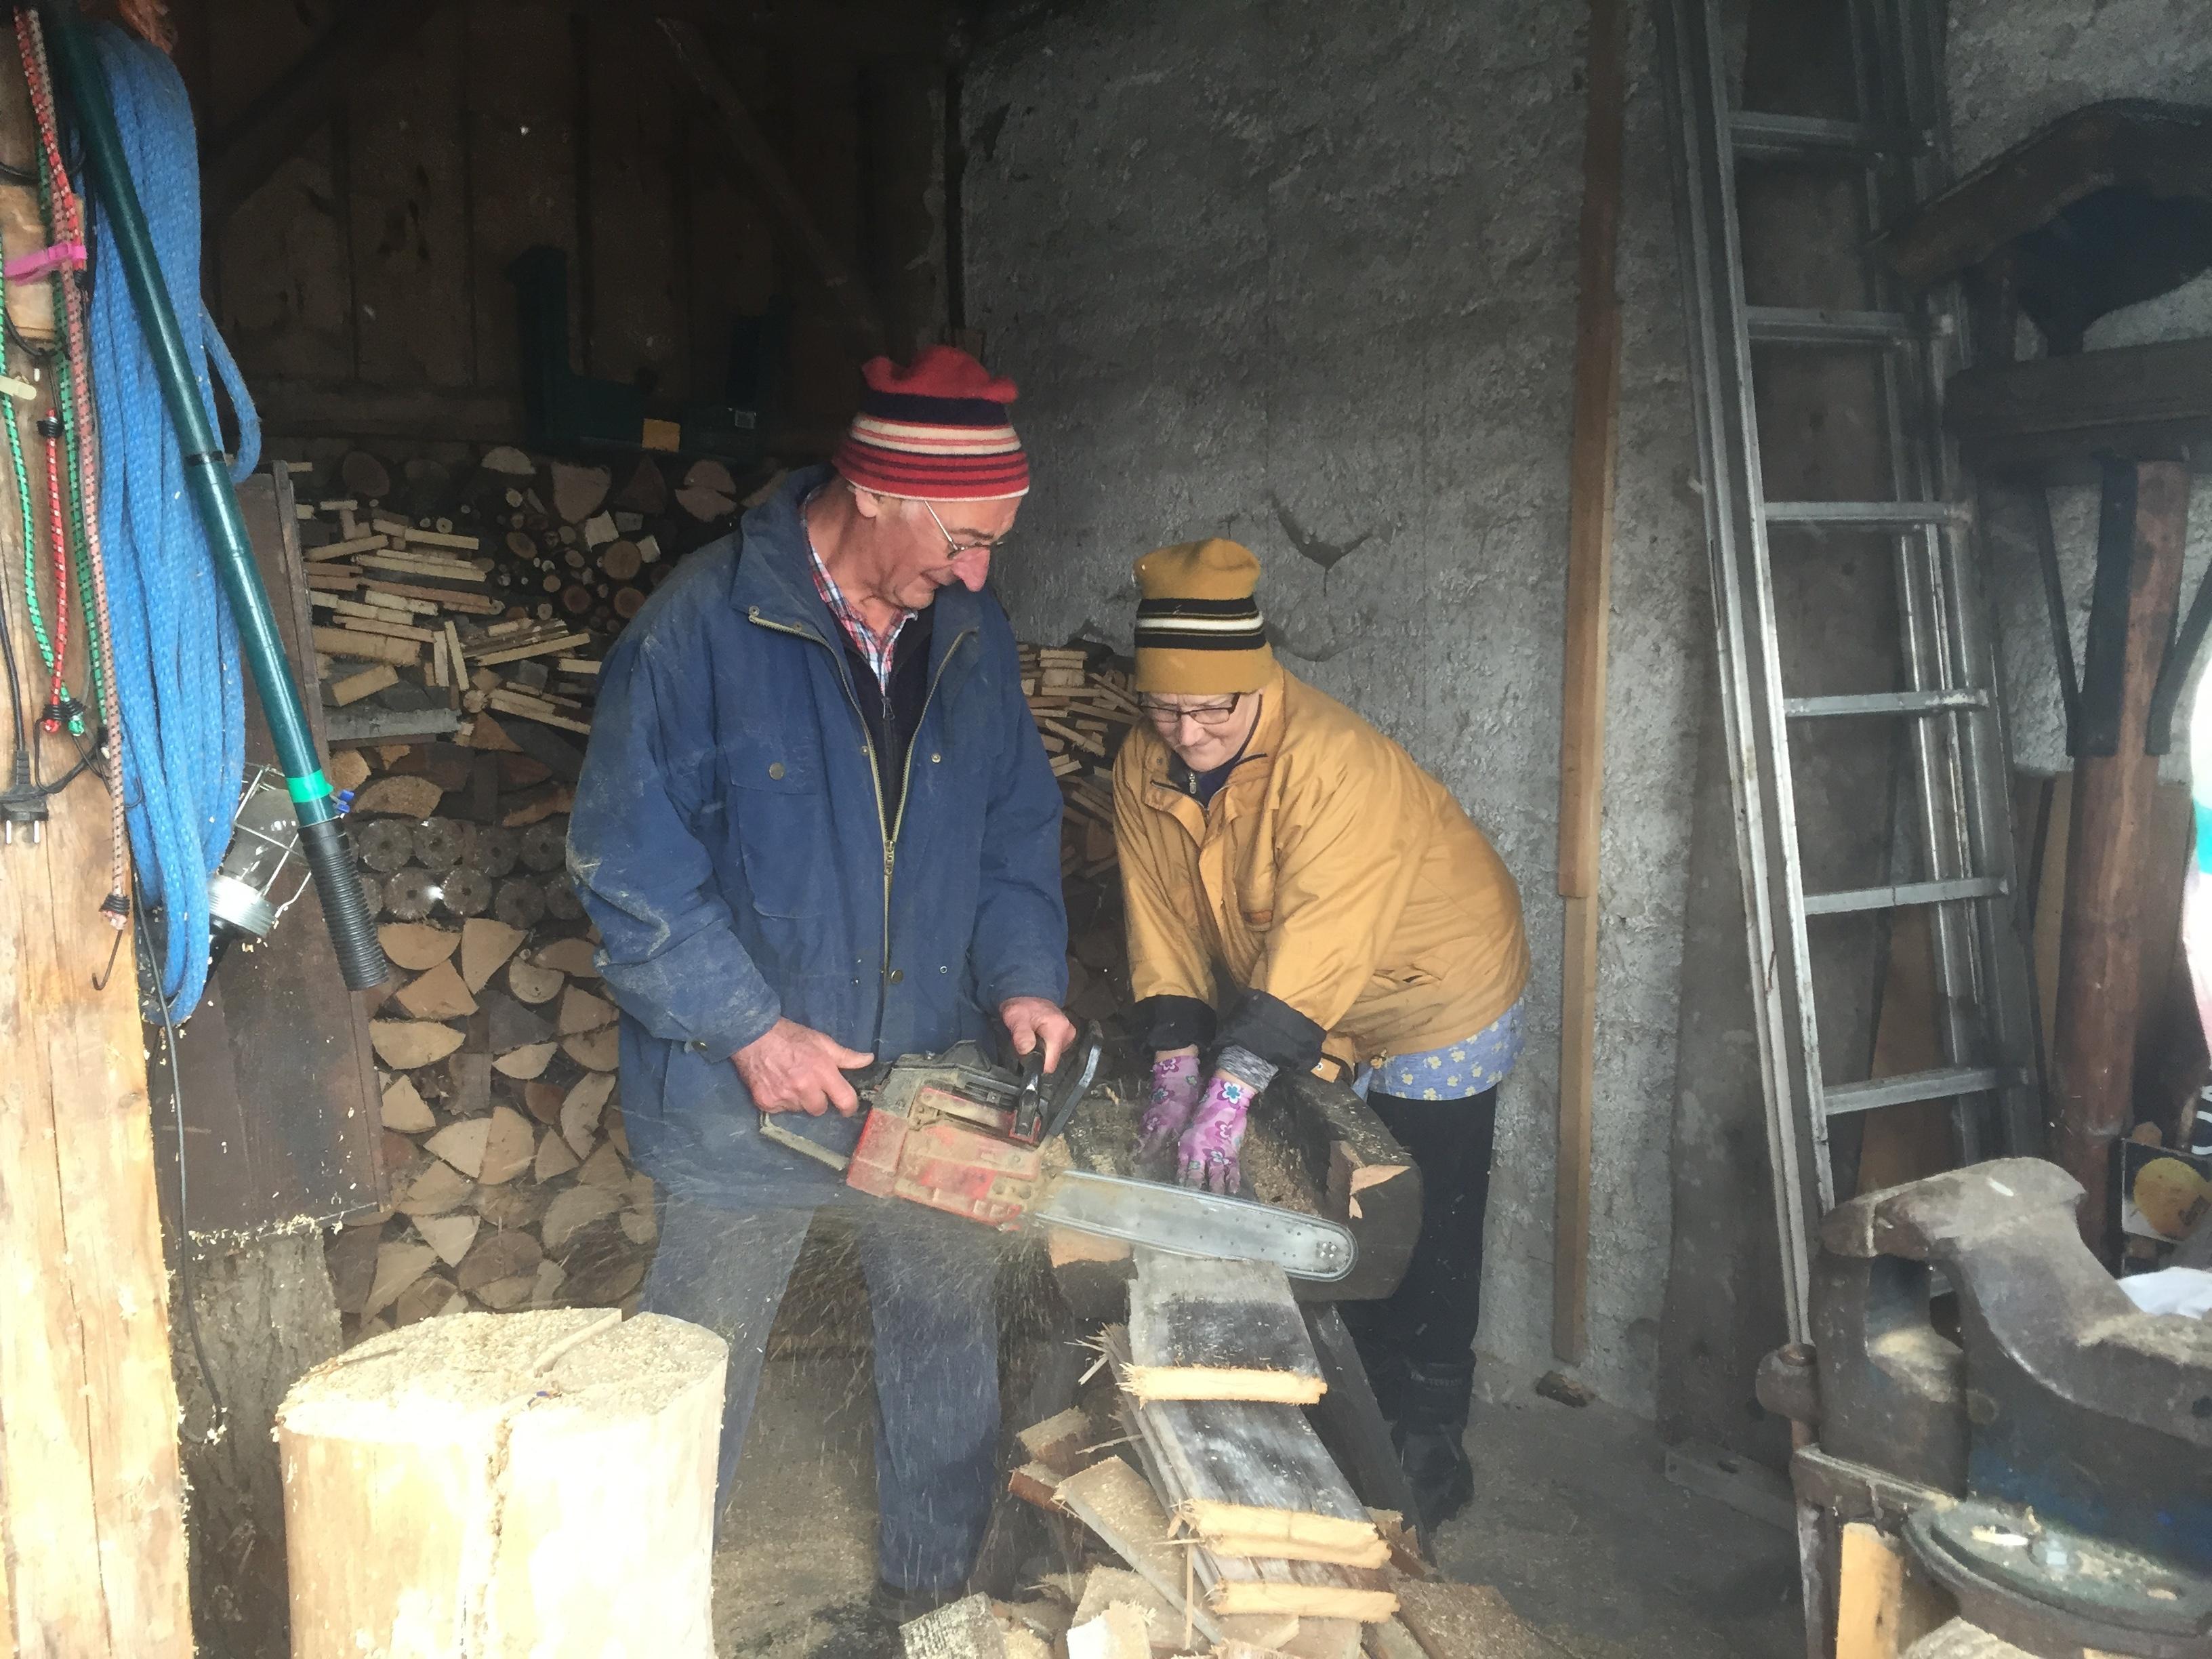 Tatkräftige Hilfe beim Aufräumen der Holzhütte.